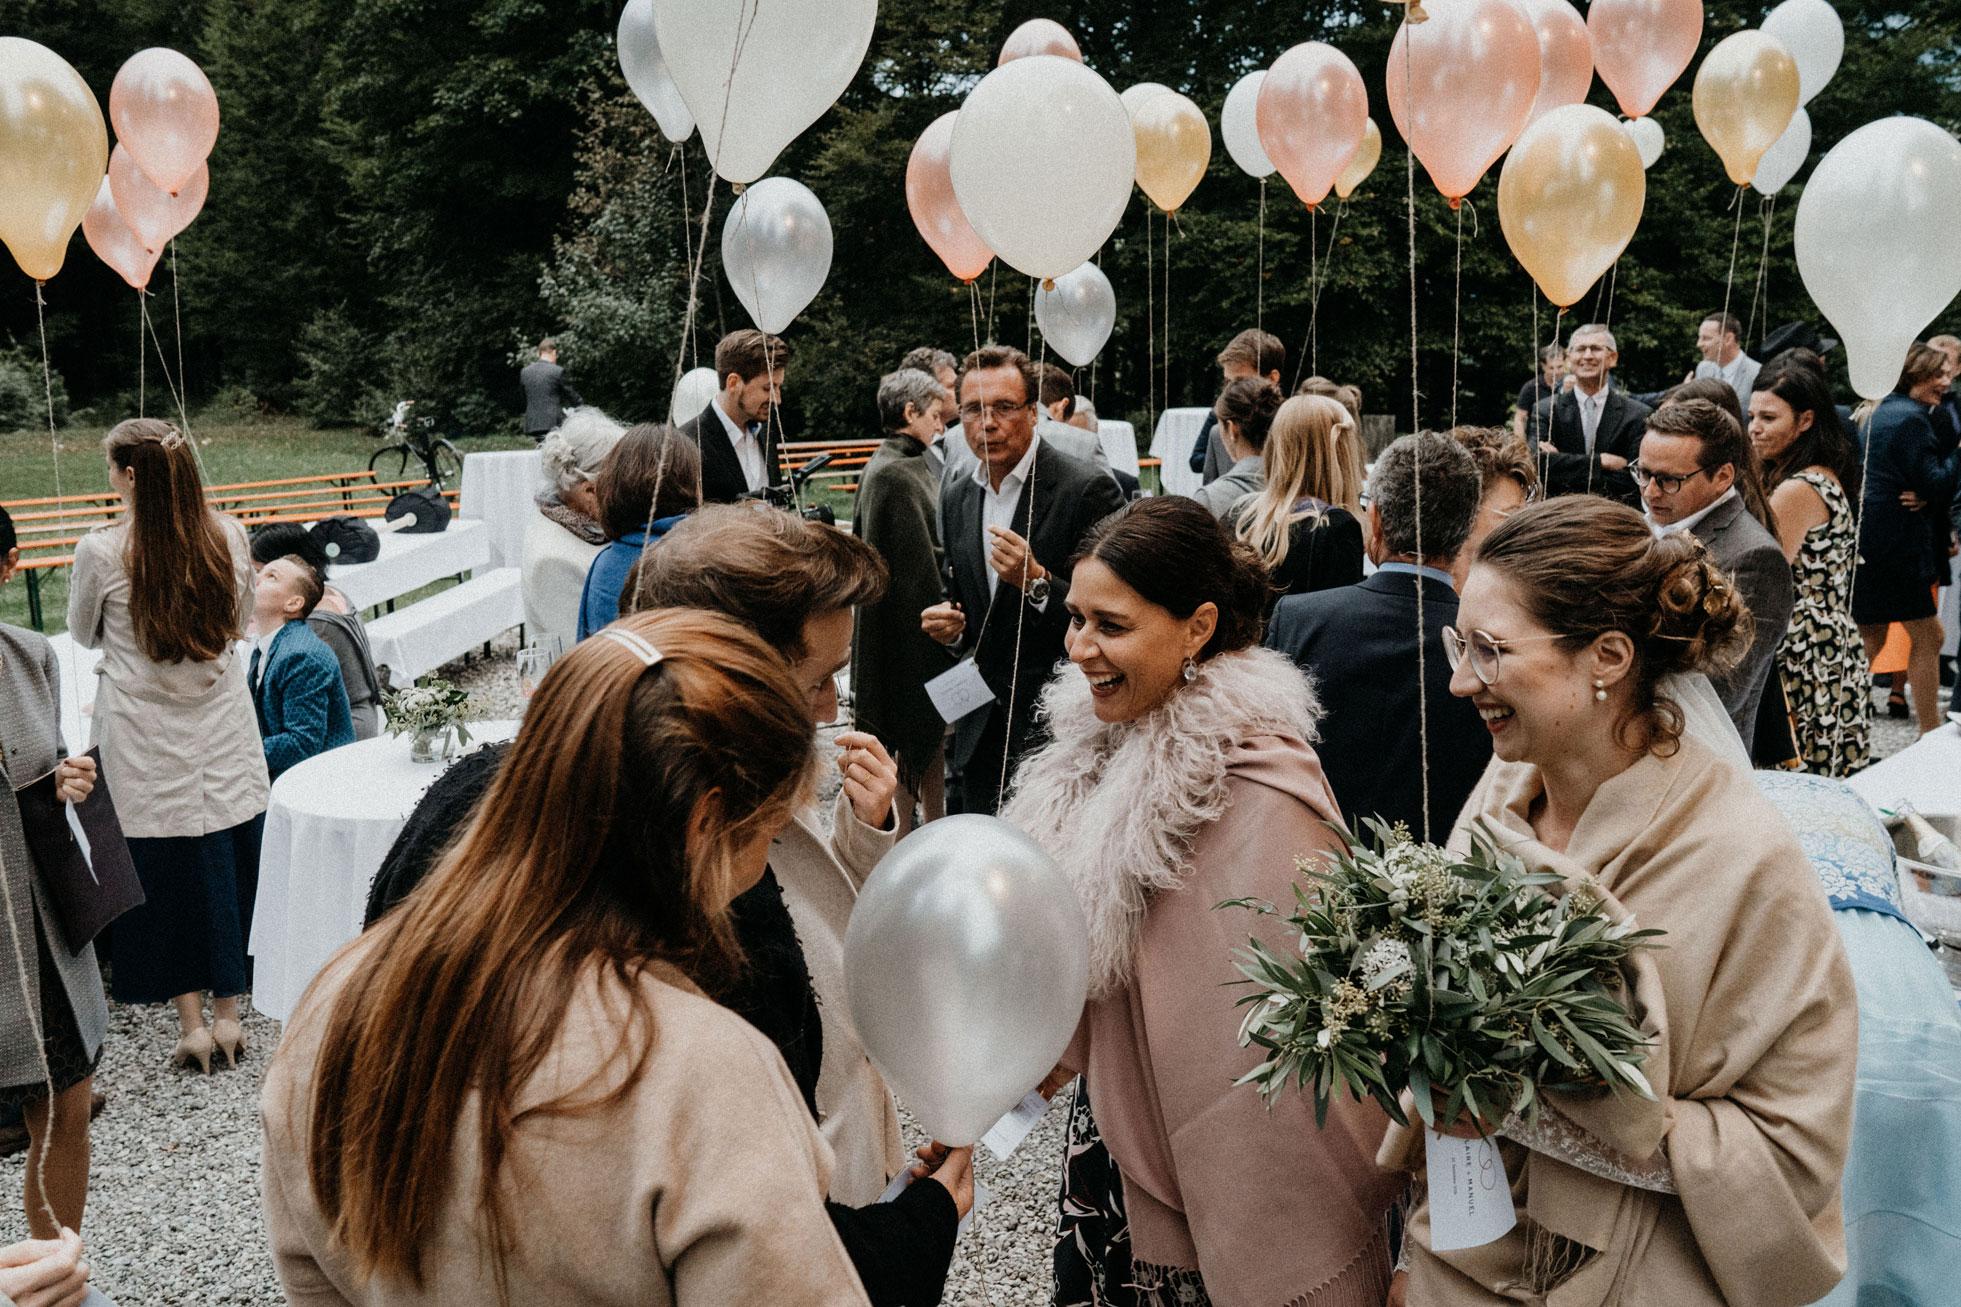 Hochzeit_Claire_Manuel_Villa_Maund_Daniel_Jenny-460.jpg